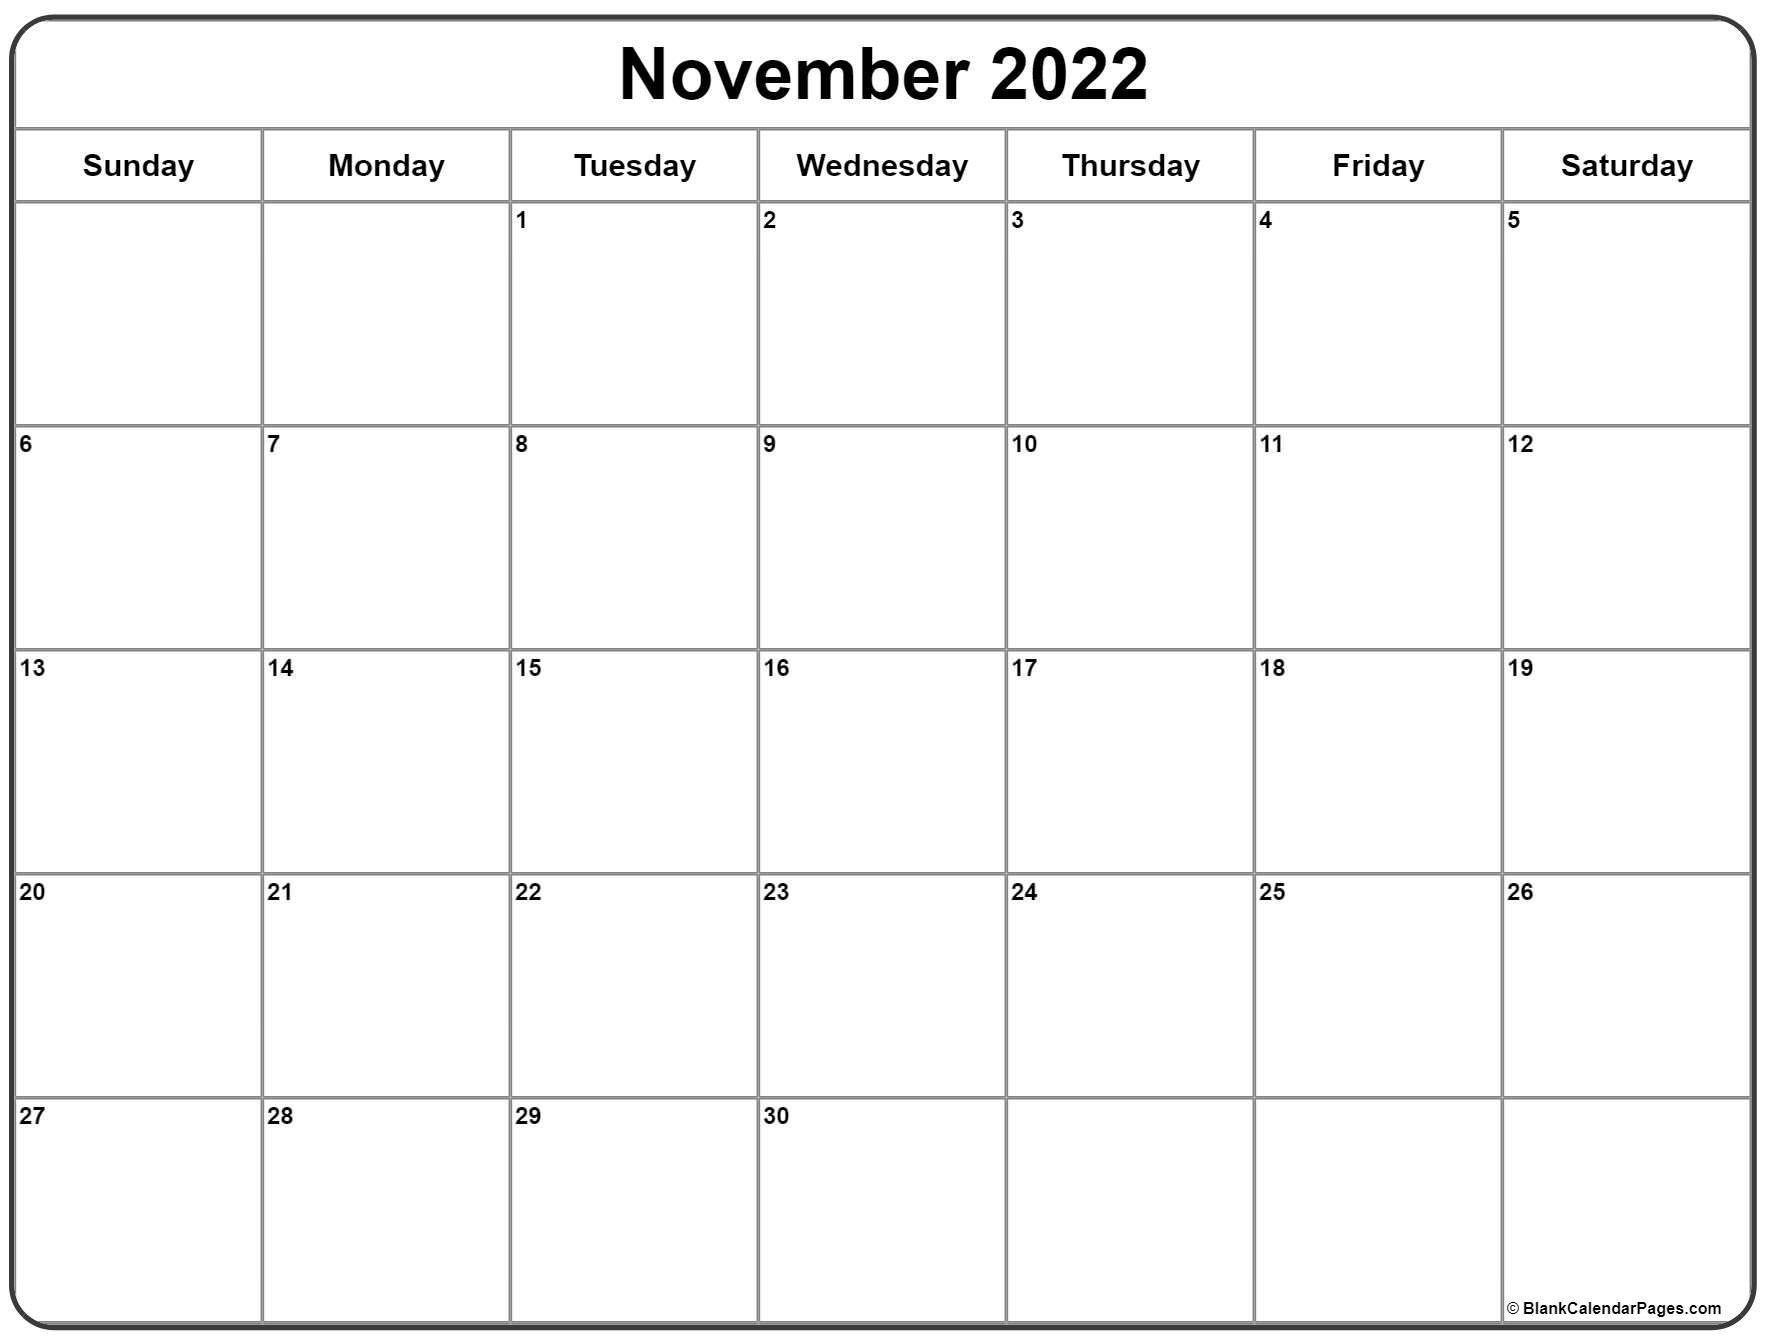 November 2022 Blank Calendar.November 2022 Calendar Free Printable Calendar Templates